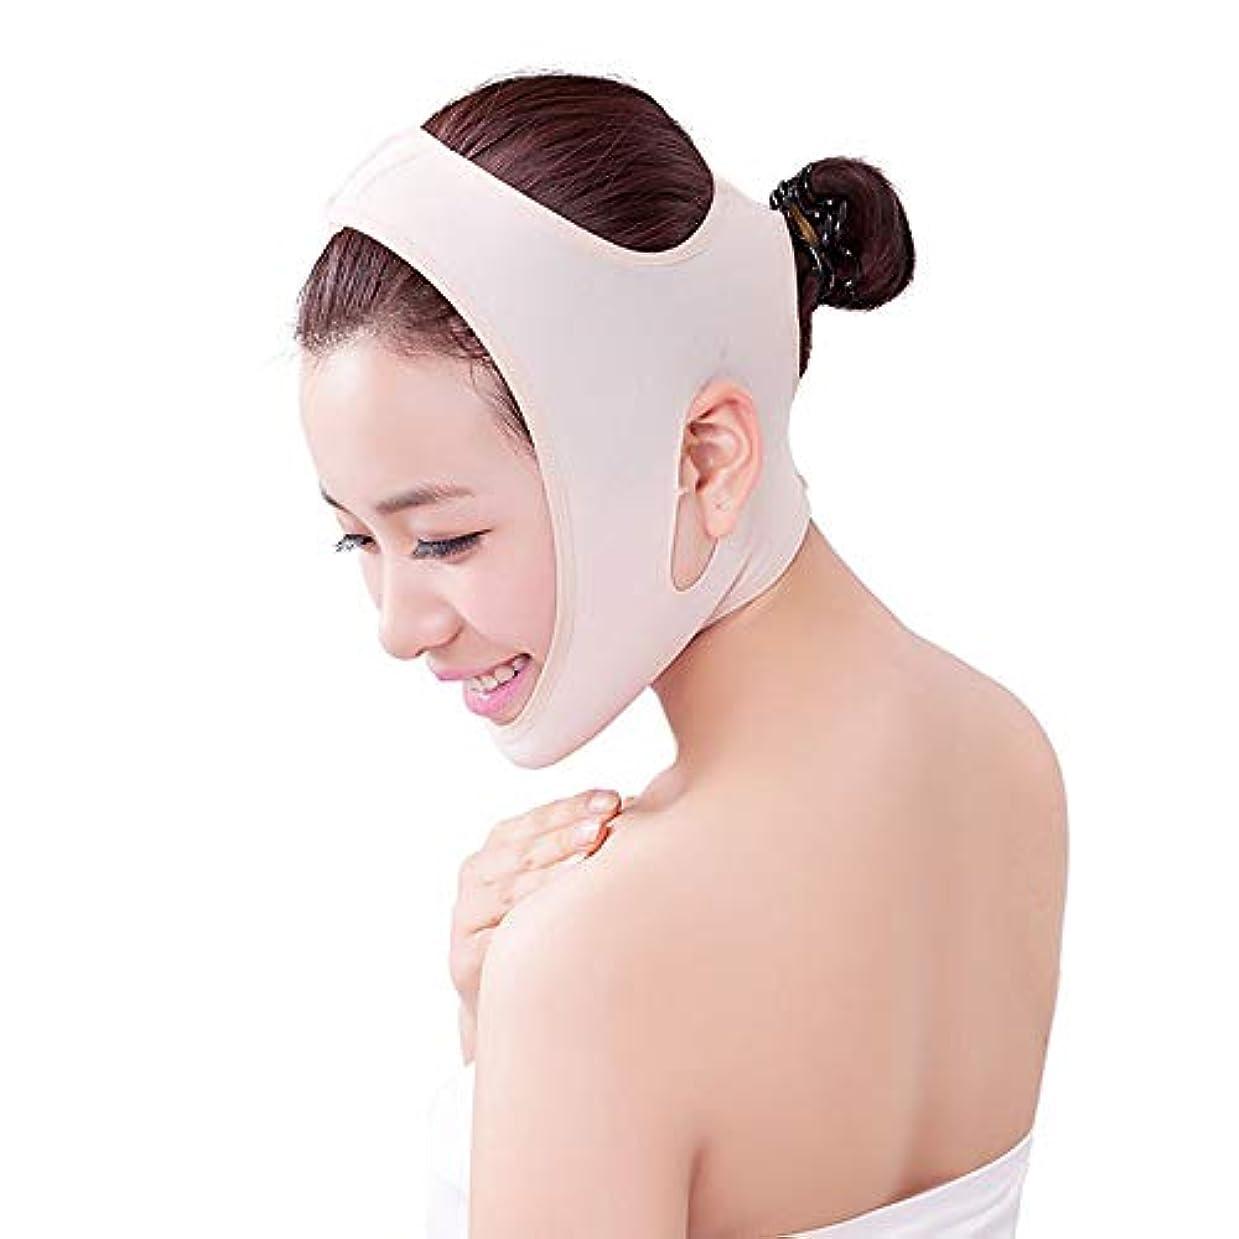 薄いフェイスベルト - 薄いフェイスVフェイス薄いダブルチンは男性と女性の包帯をフランスのフェイシャルリフトマスクインストゥルメントに締め付けます 美しさ (サイズ さいず : L l)